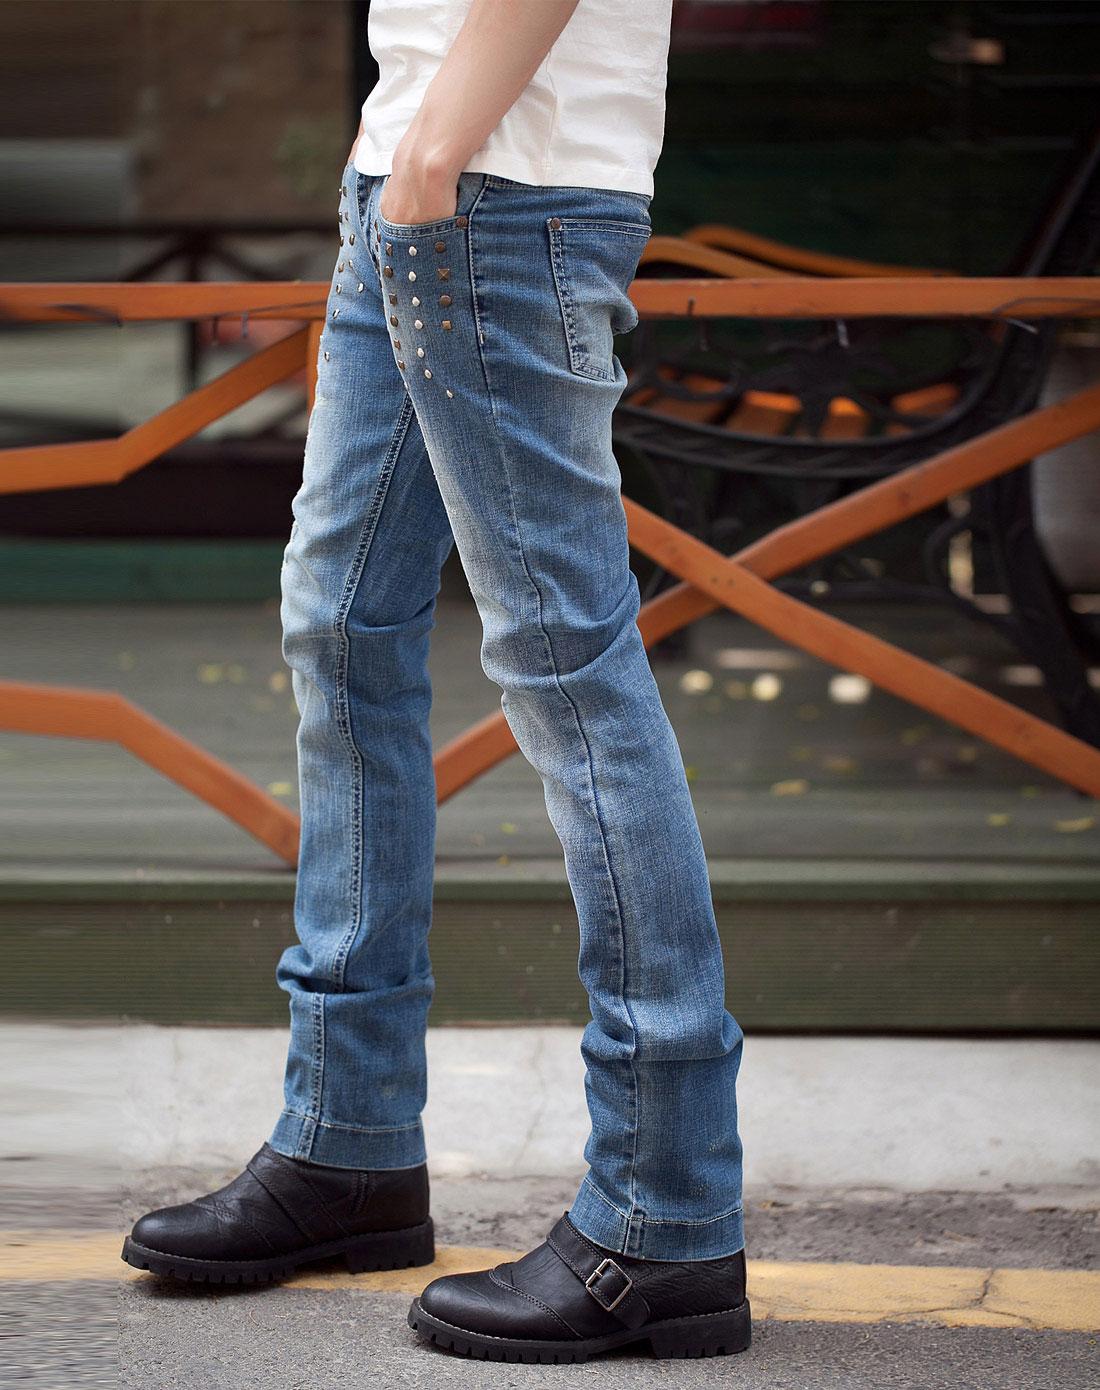 蓝色铆钉磨破低腰牛仔裤